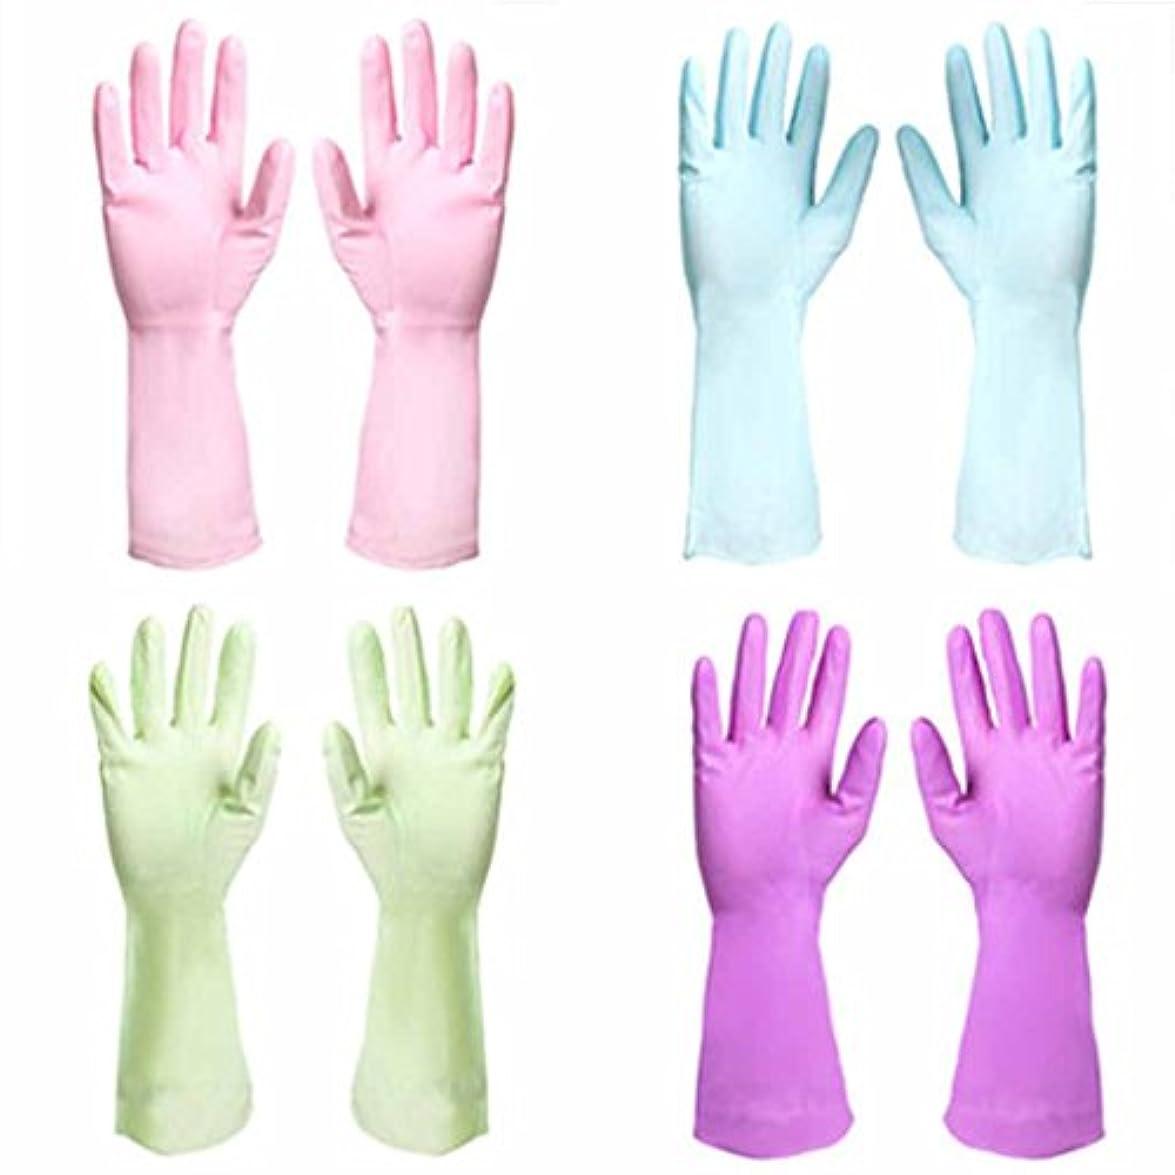 ポジション広くきしむ使い捨て手袋 PVC防水性と耐久性の手袋キッチン油耐性汚れ手袋